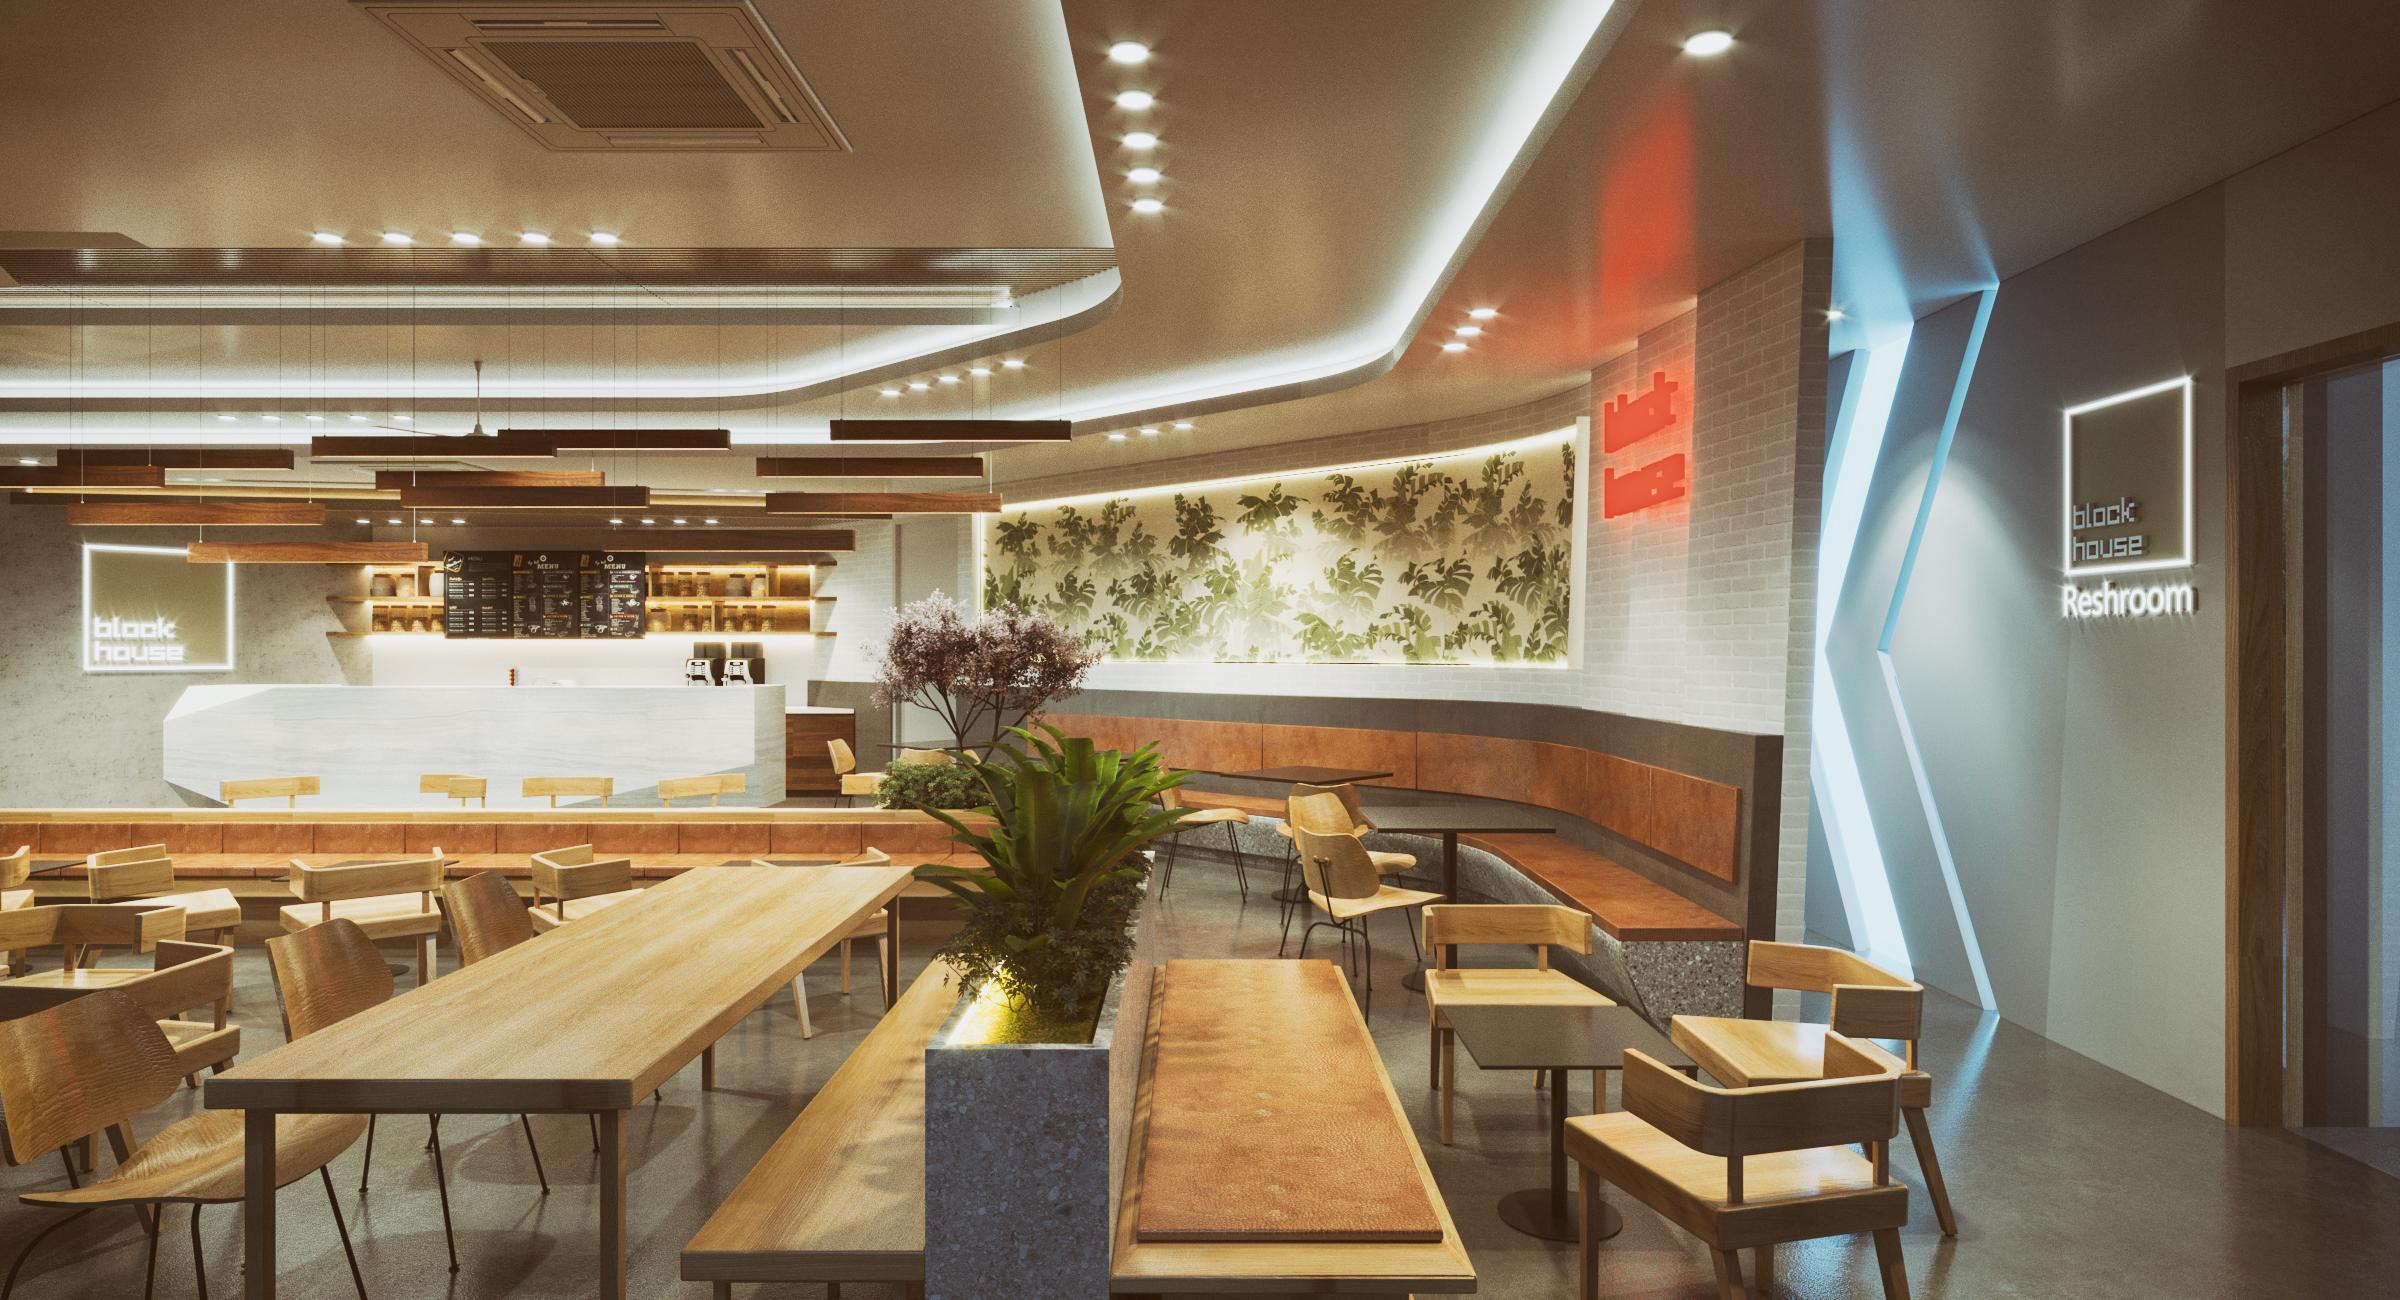 Thiết kế nội thất Cafe tại Long An Block house 1590076481 4